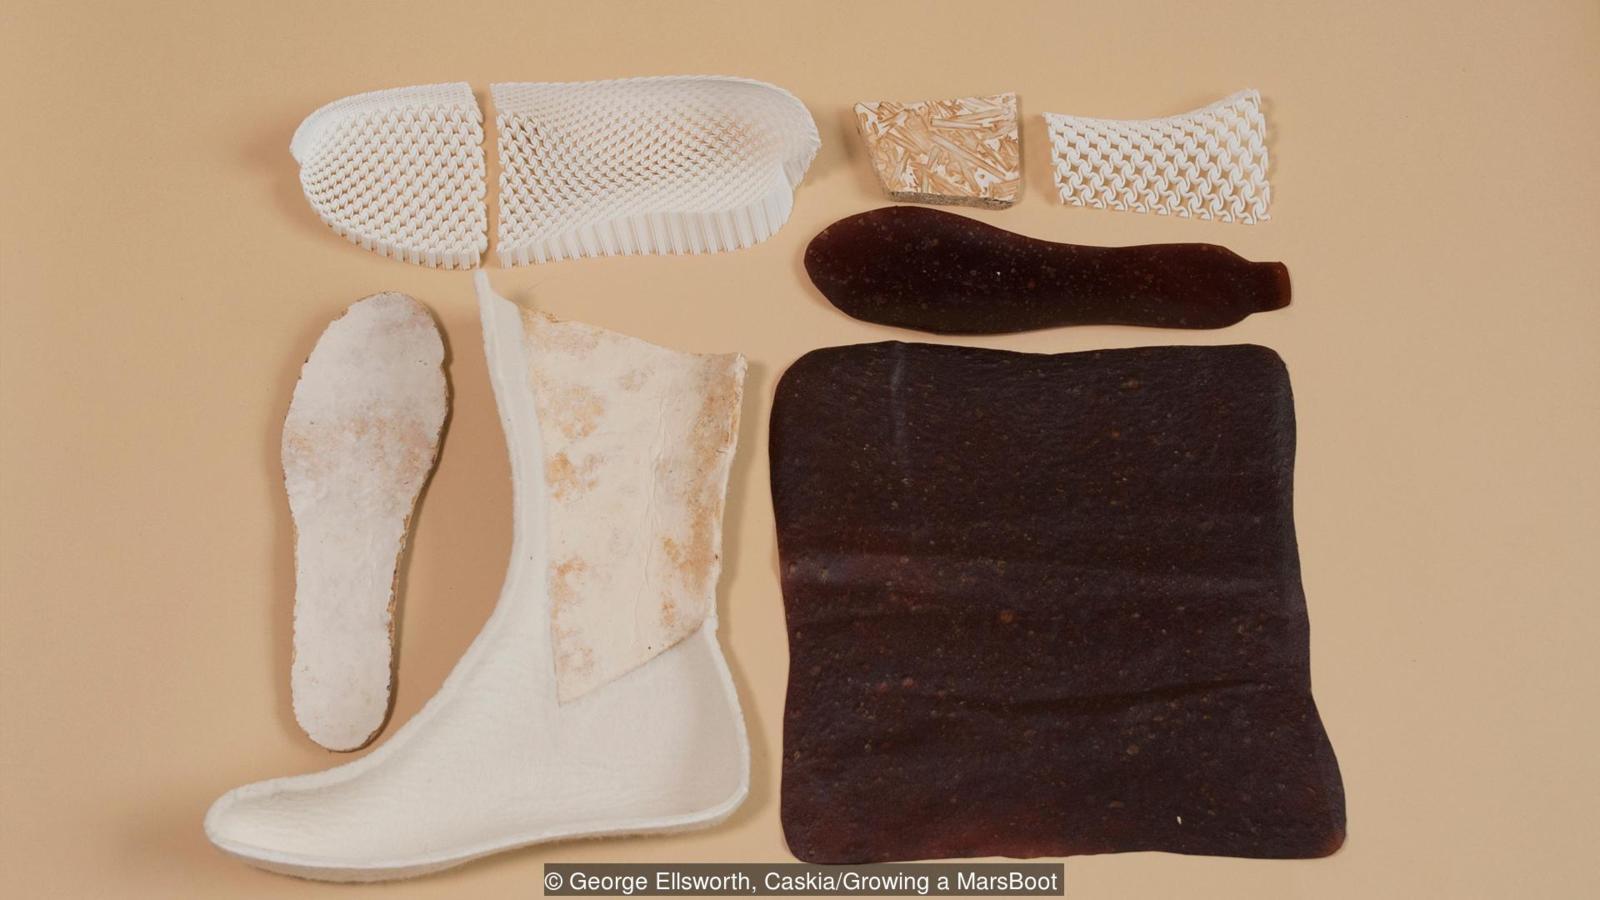 可以在飞船上生产的靴子,竟是用汗液和真菌做成的